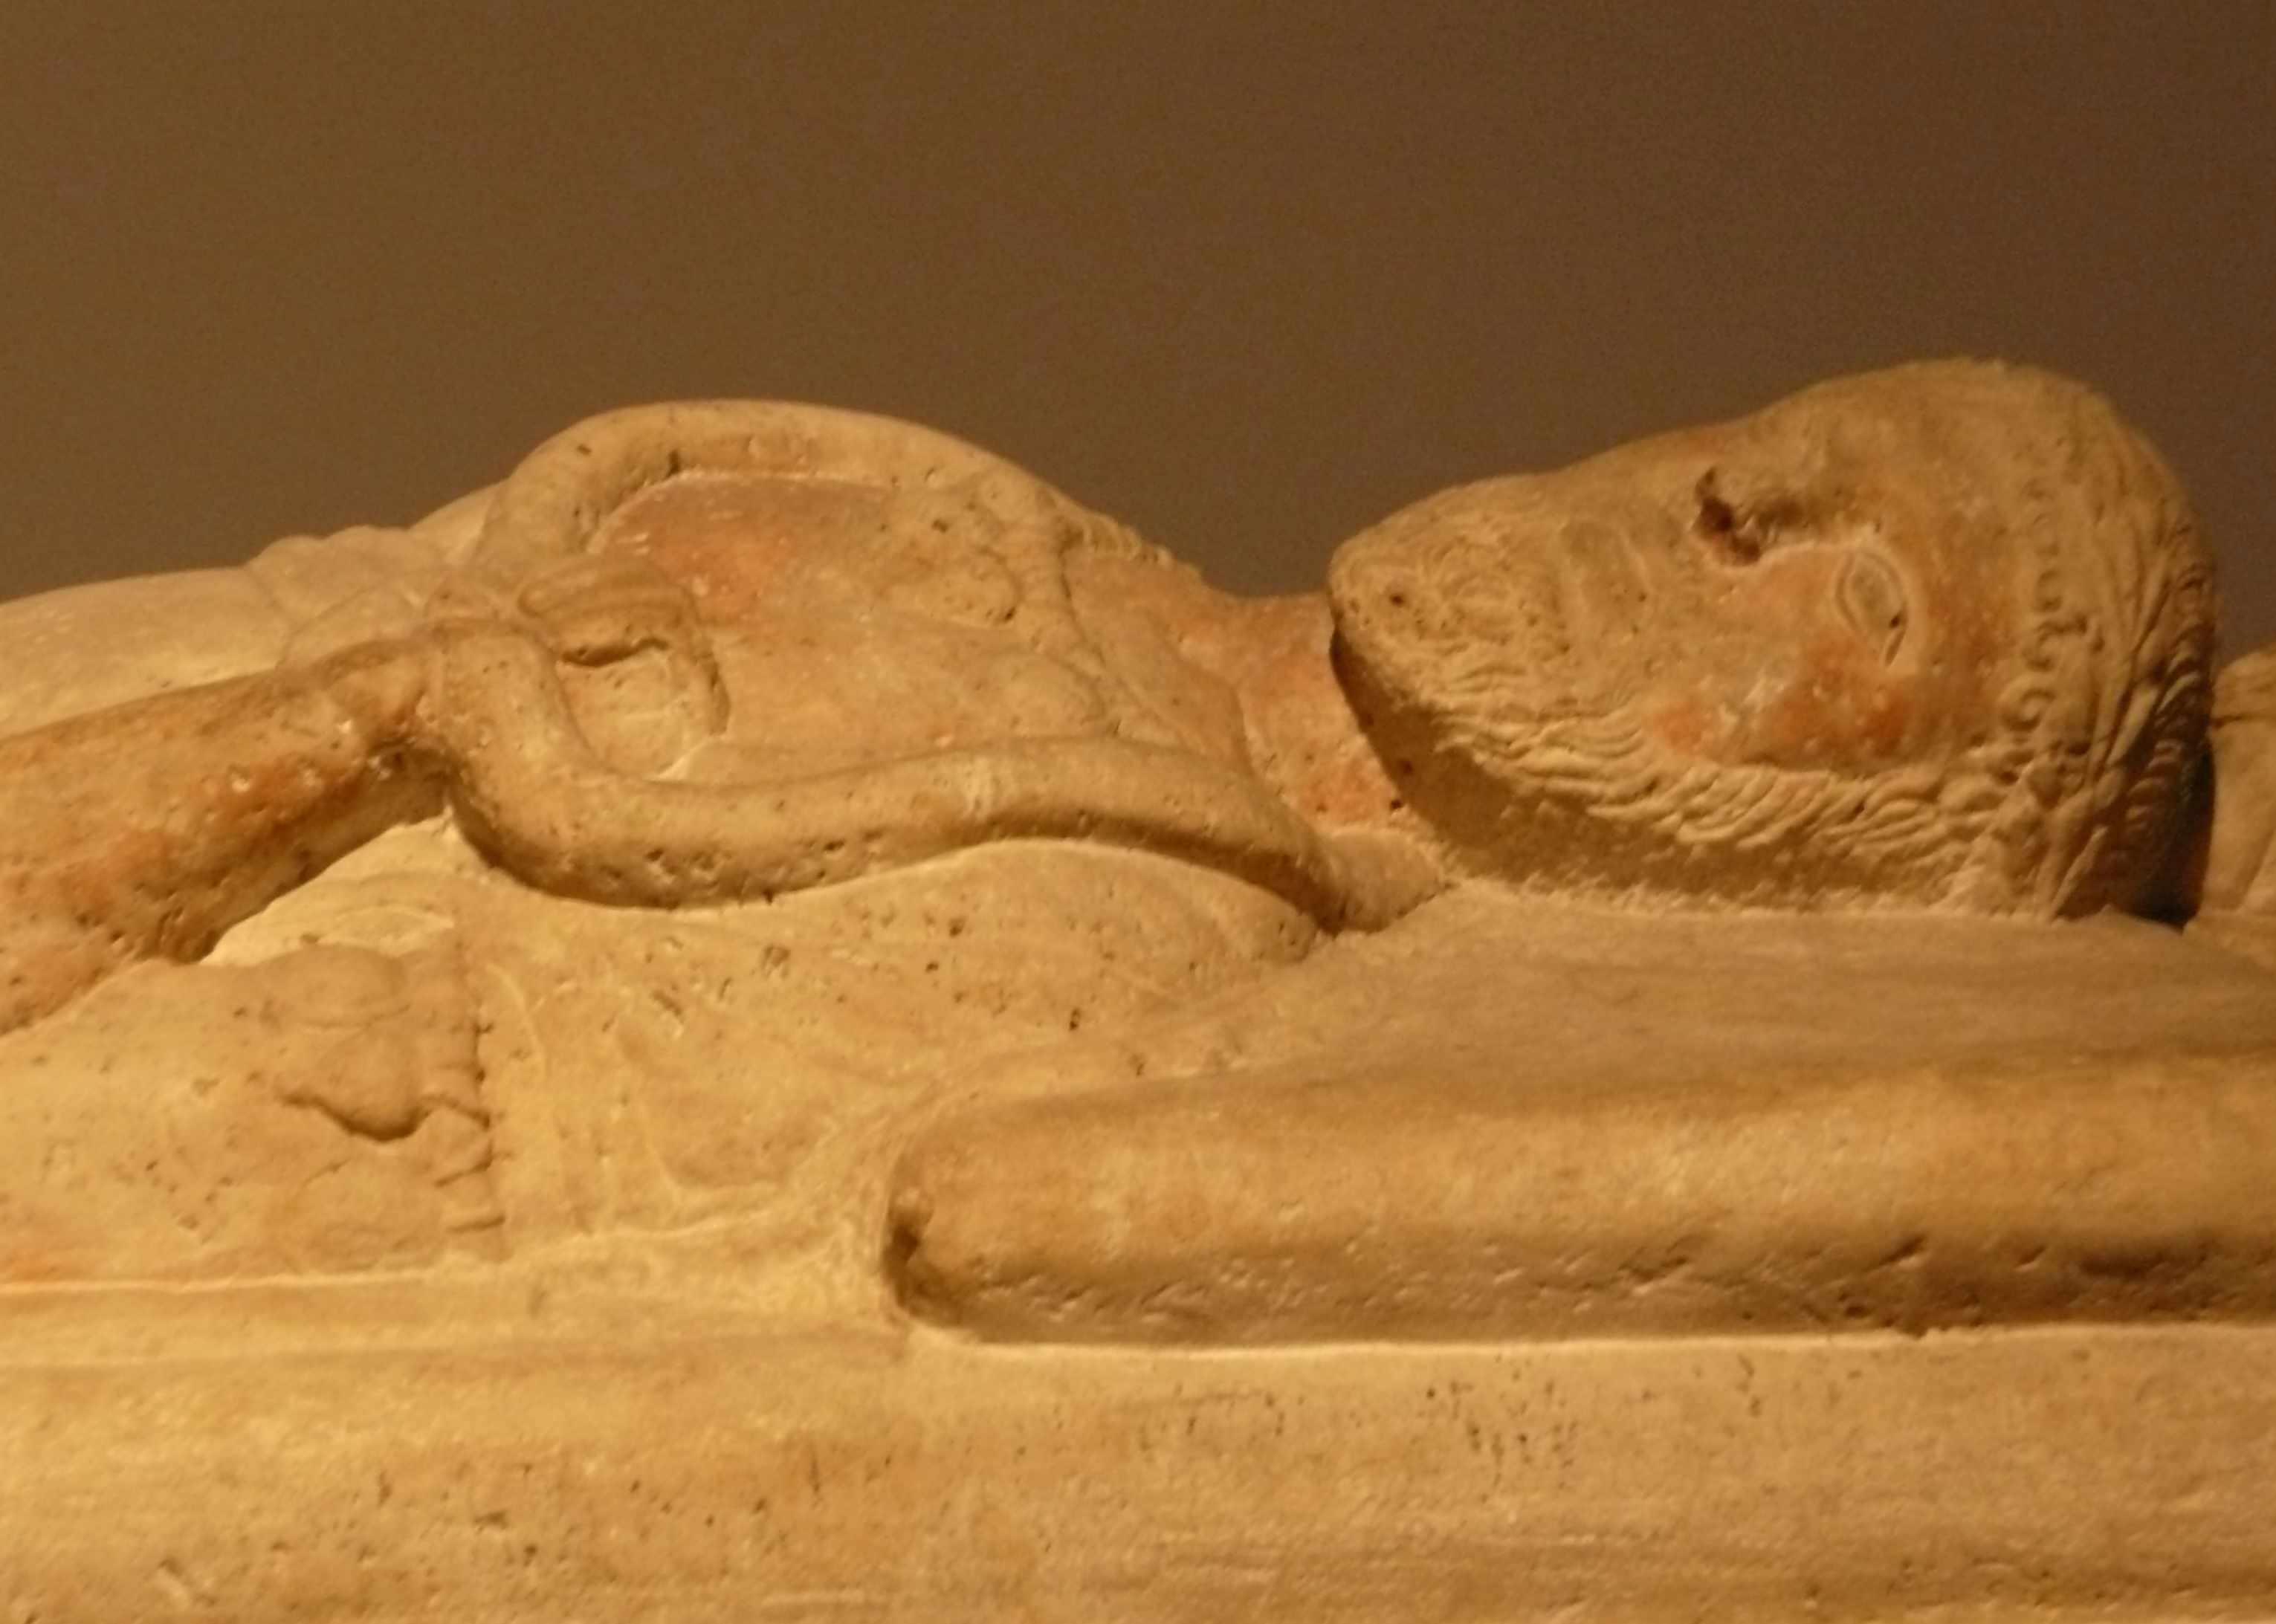 Sarcophage du magistrat visage 4eme-s-AC Expo-Etrusques-Louvre-Lens-2014